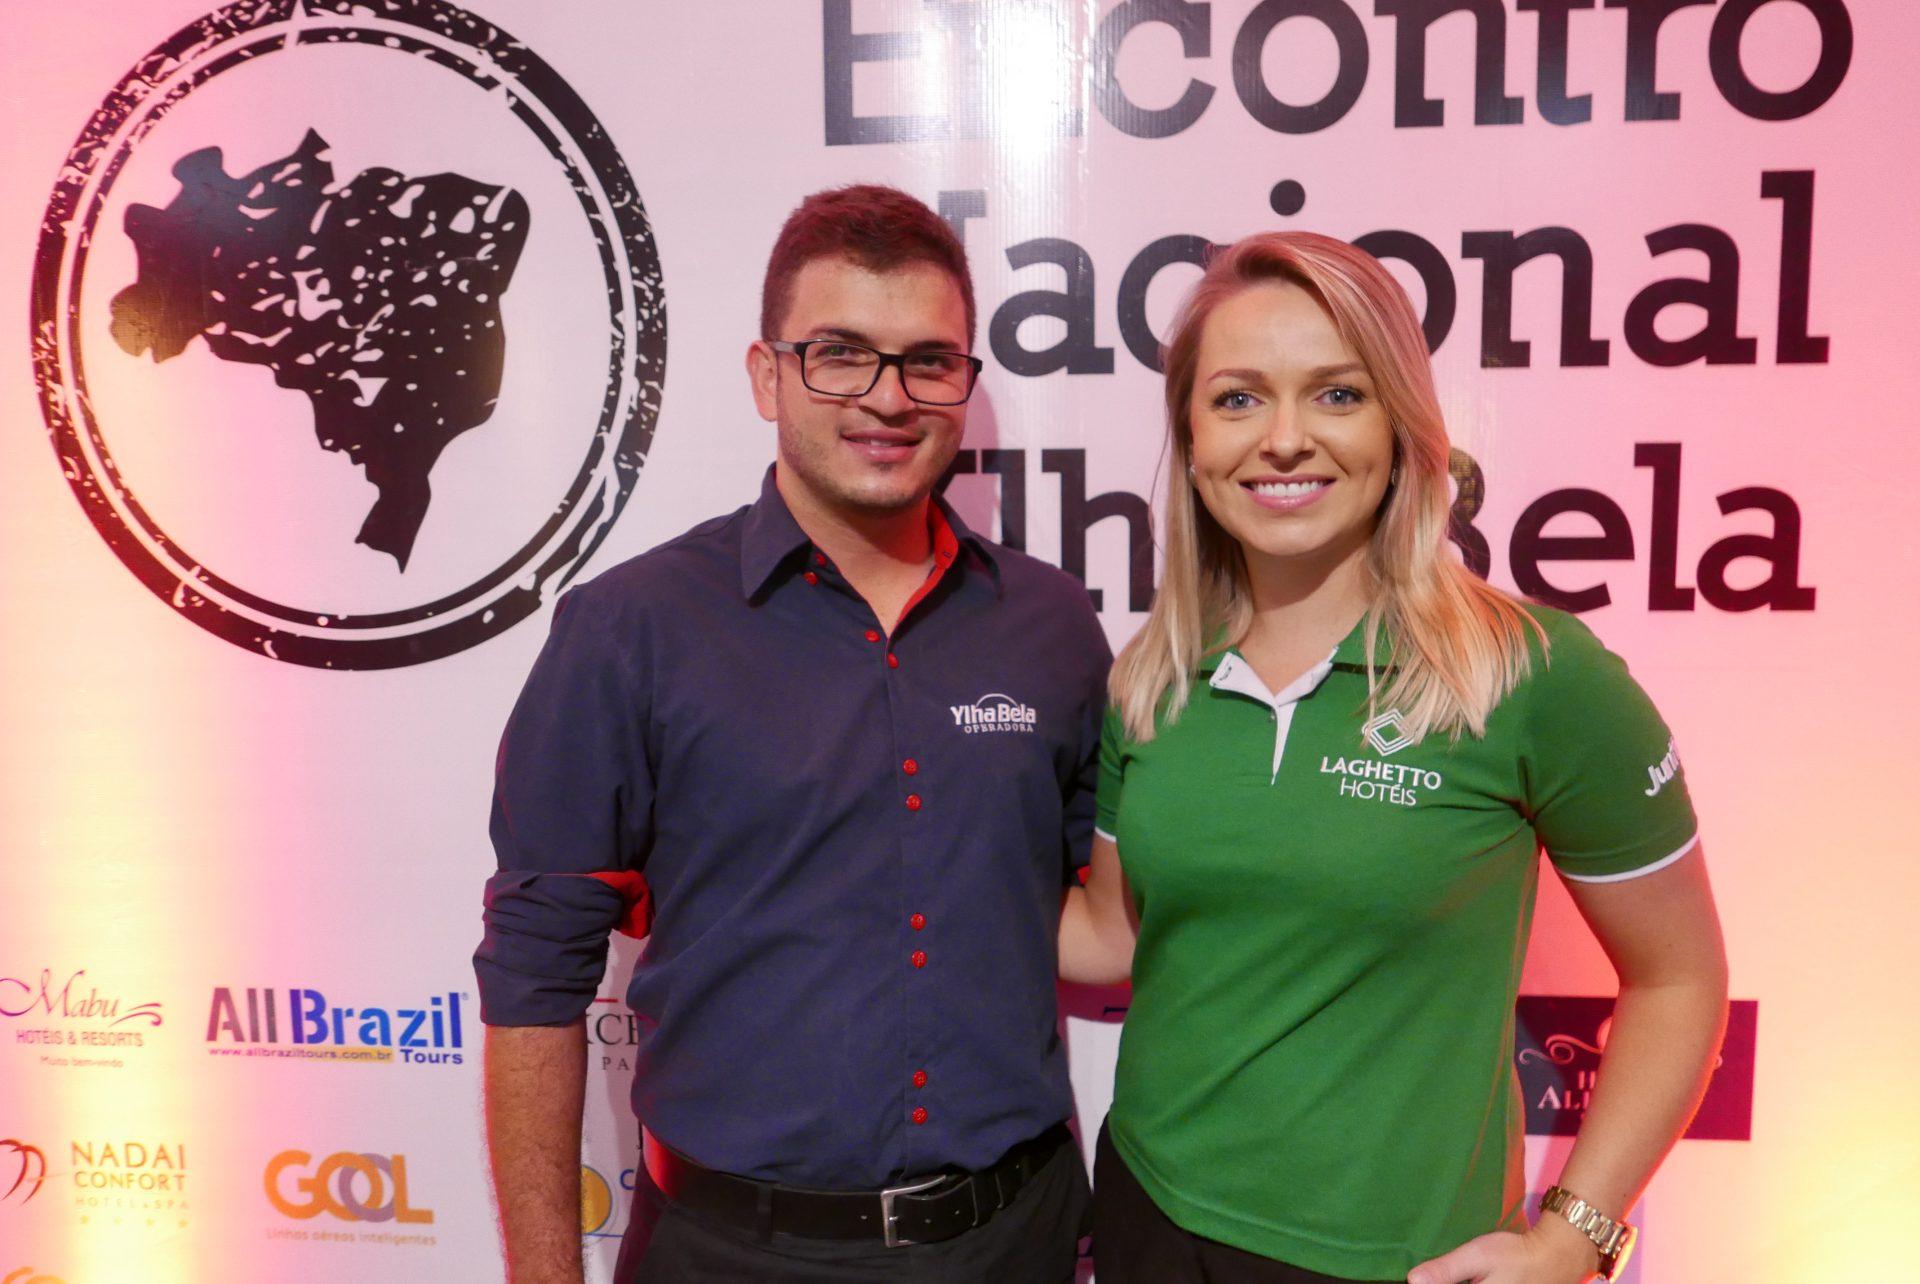 Vinícius Arêdes, gestor de marketing da Ylha Bela Operadora, e Lilian Zimmer, da Laghetto Hotéis